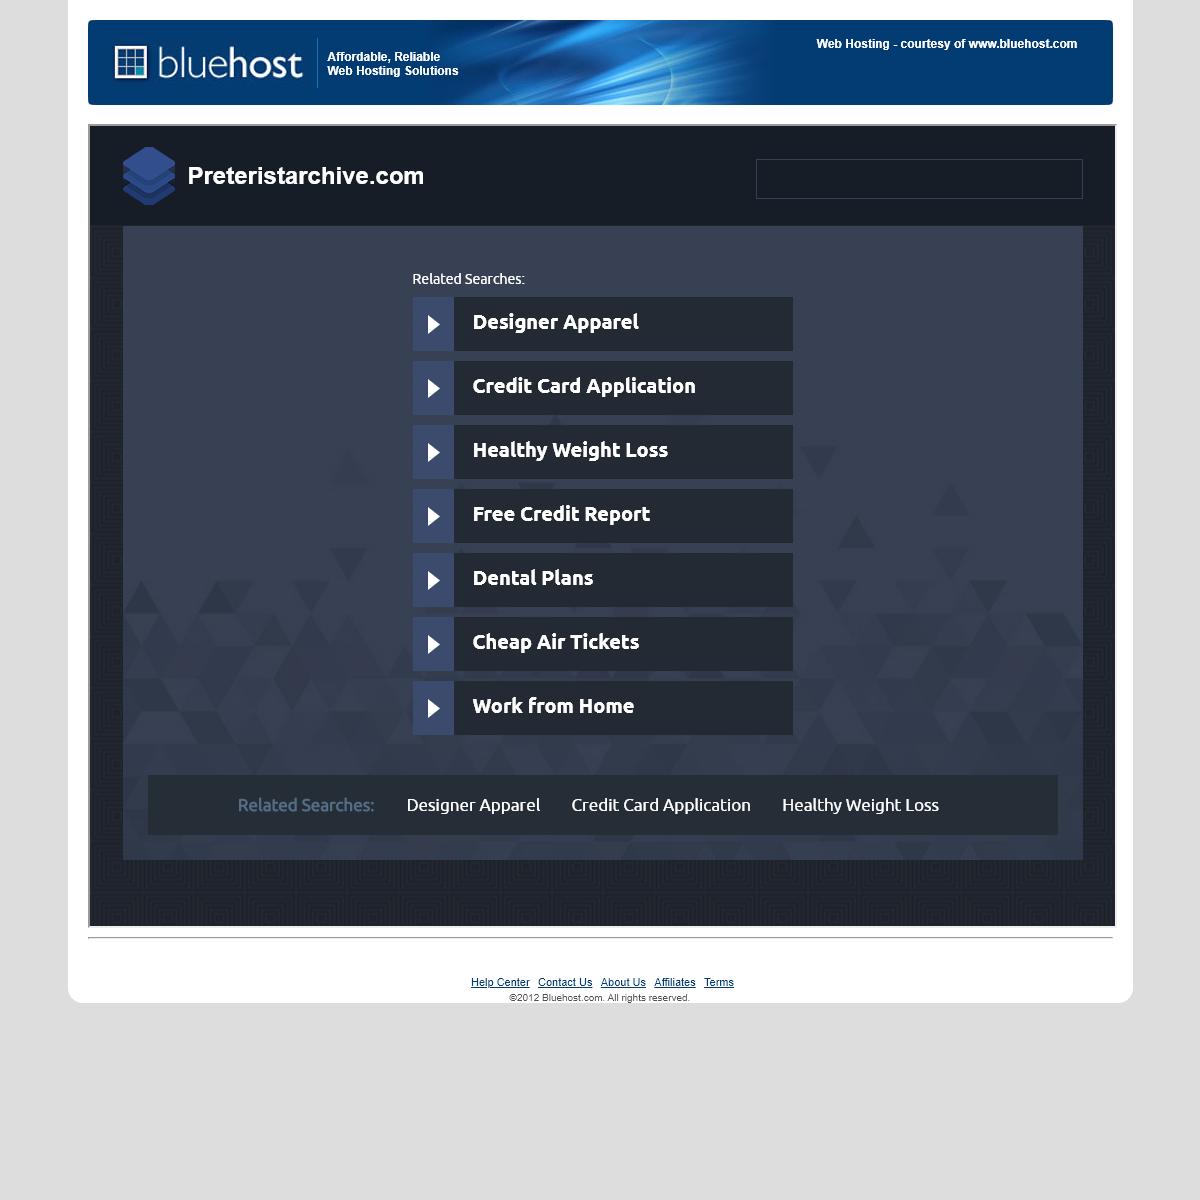 Welcome preteristarchive.com - BlueHost.com